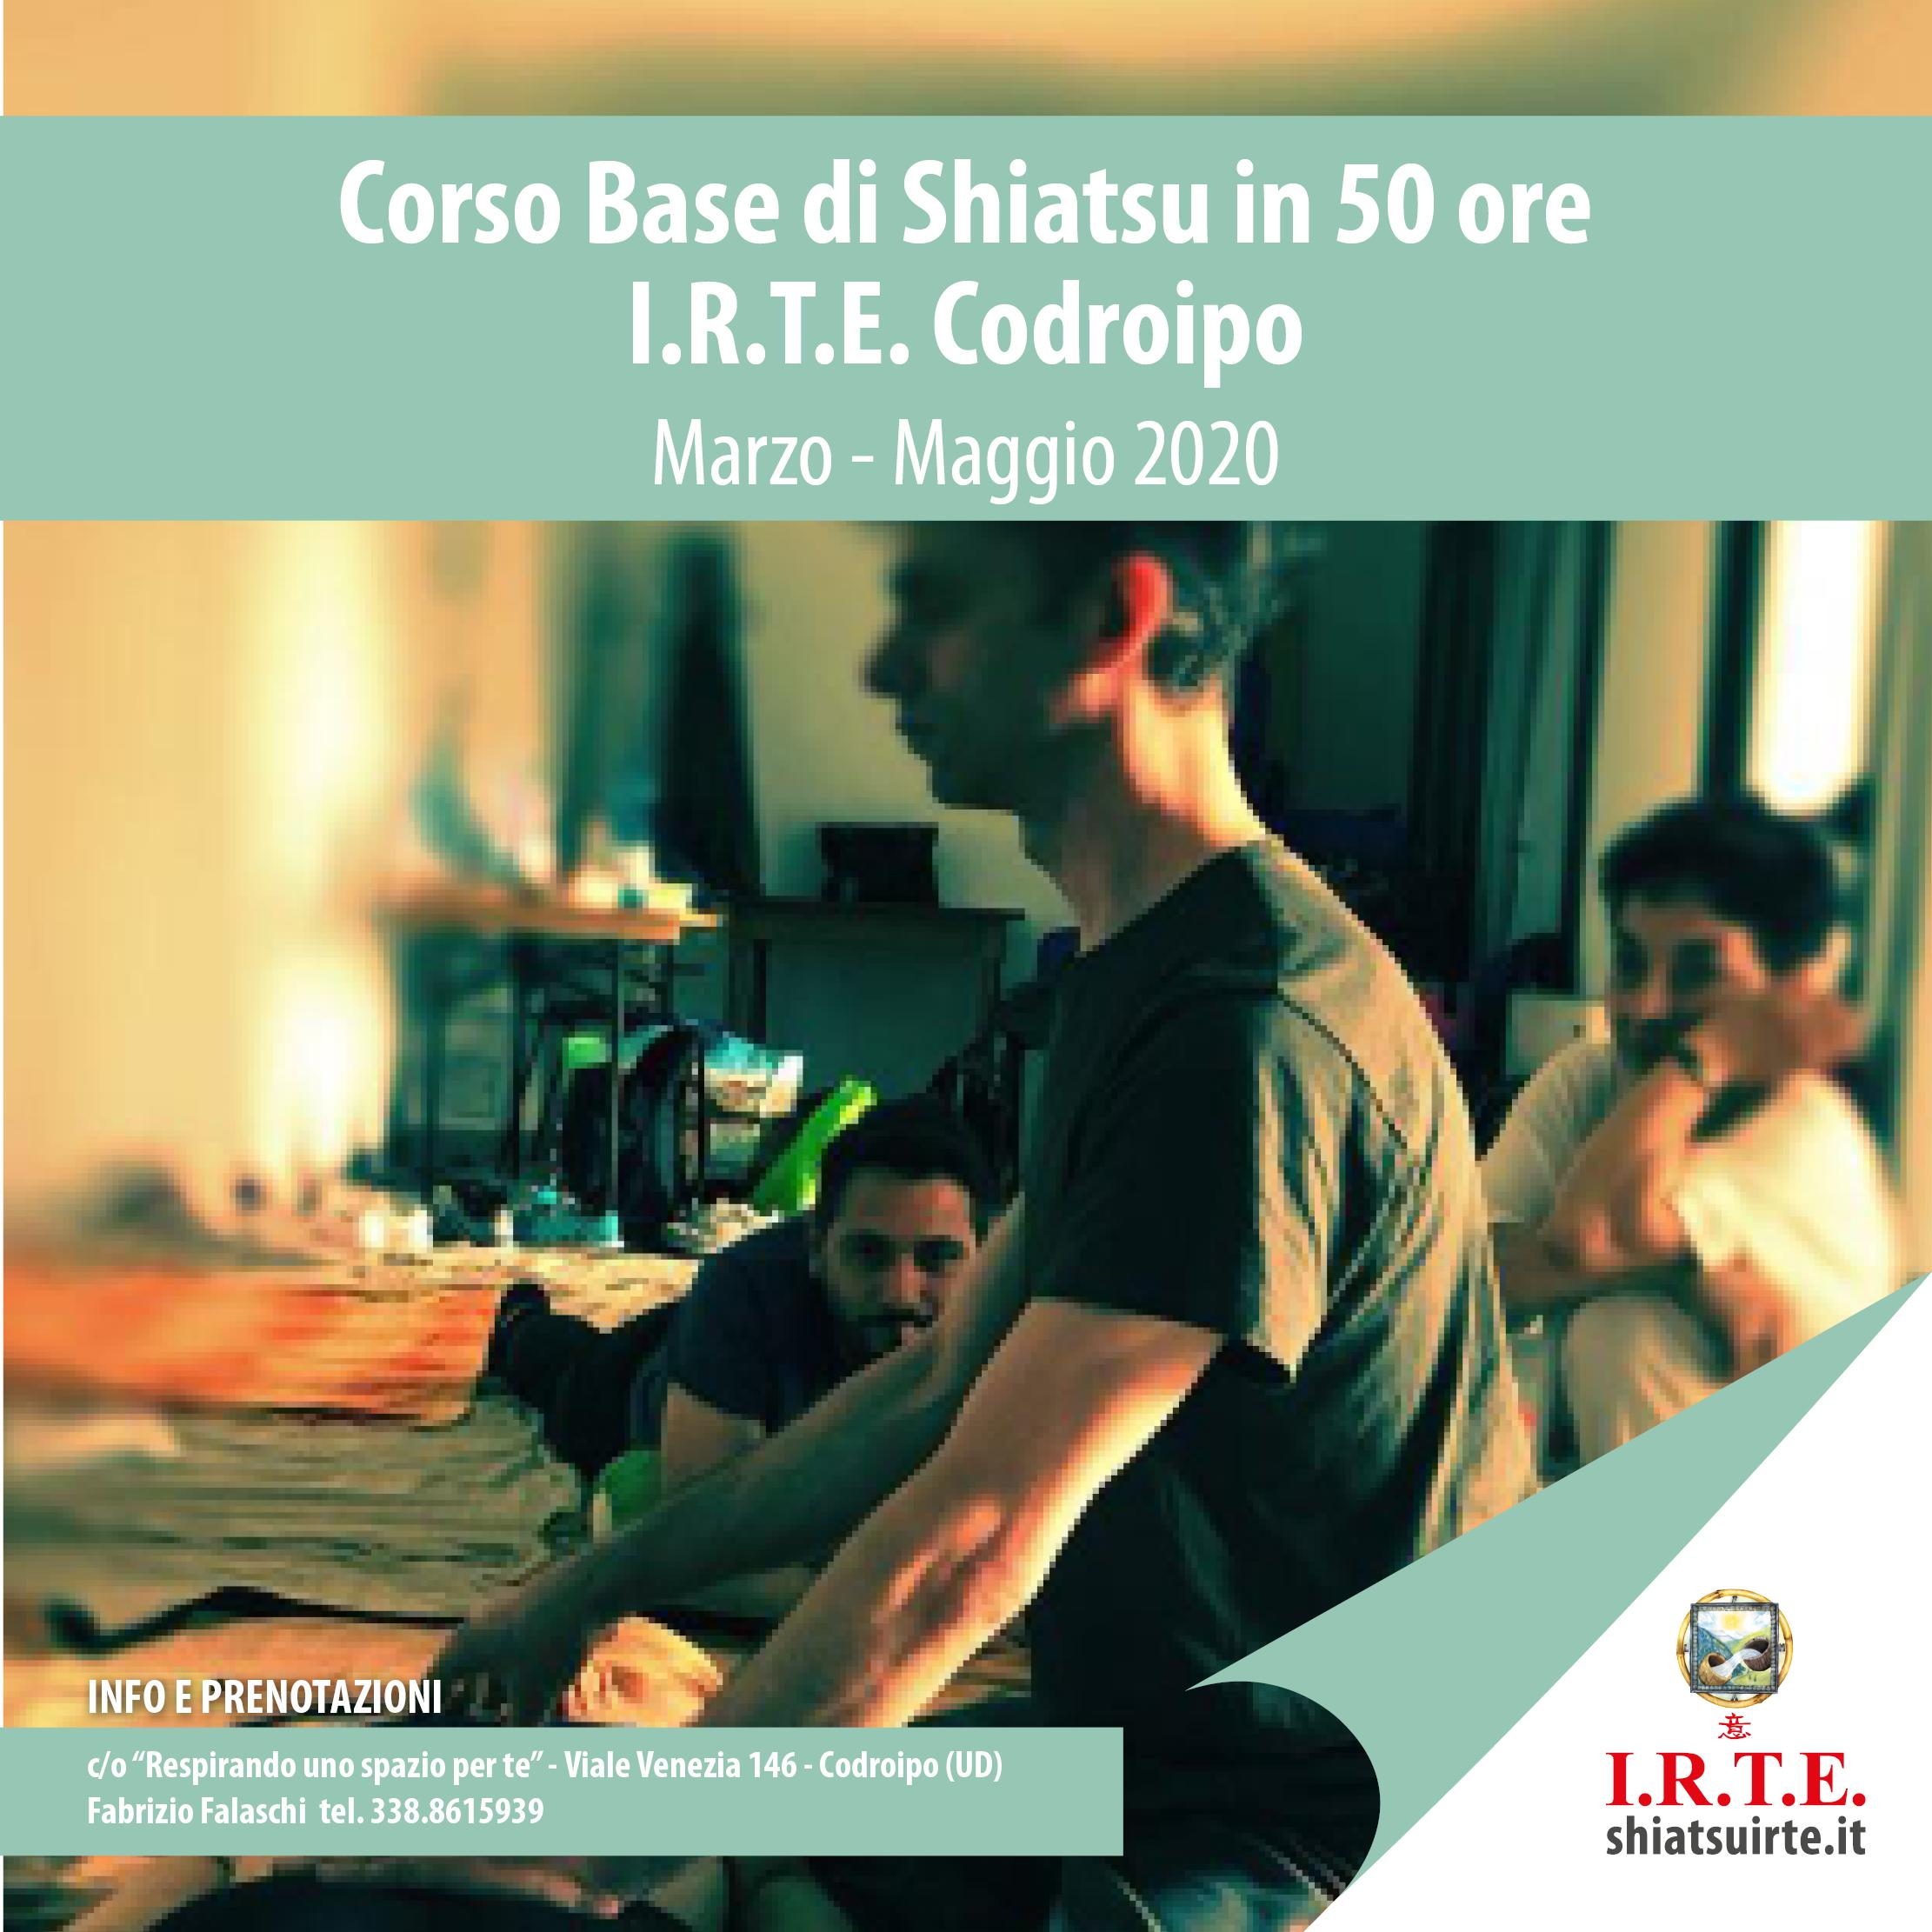 Codroipo (UD) - Marzo 2020: Corso Base di Shiatsu in partenza